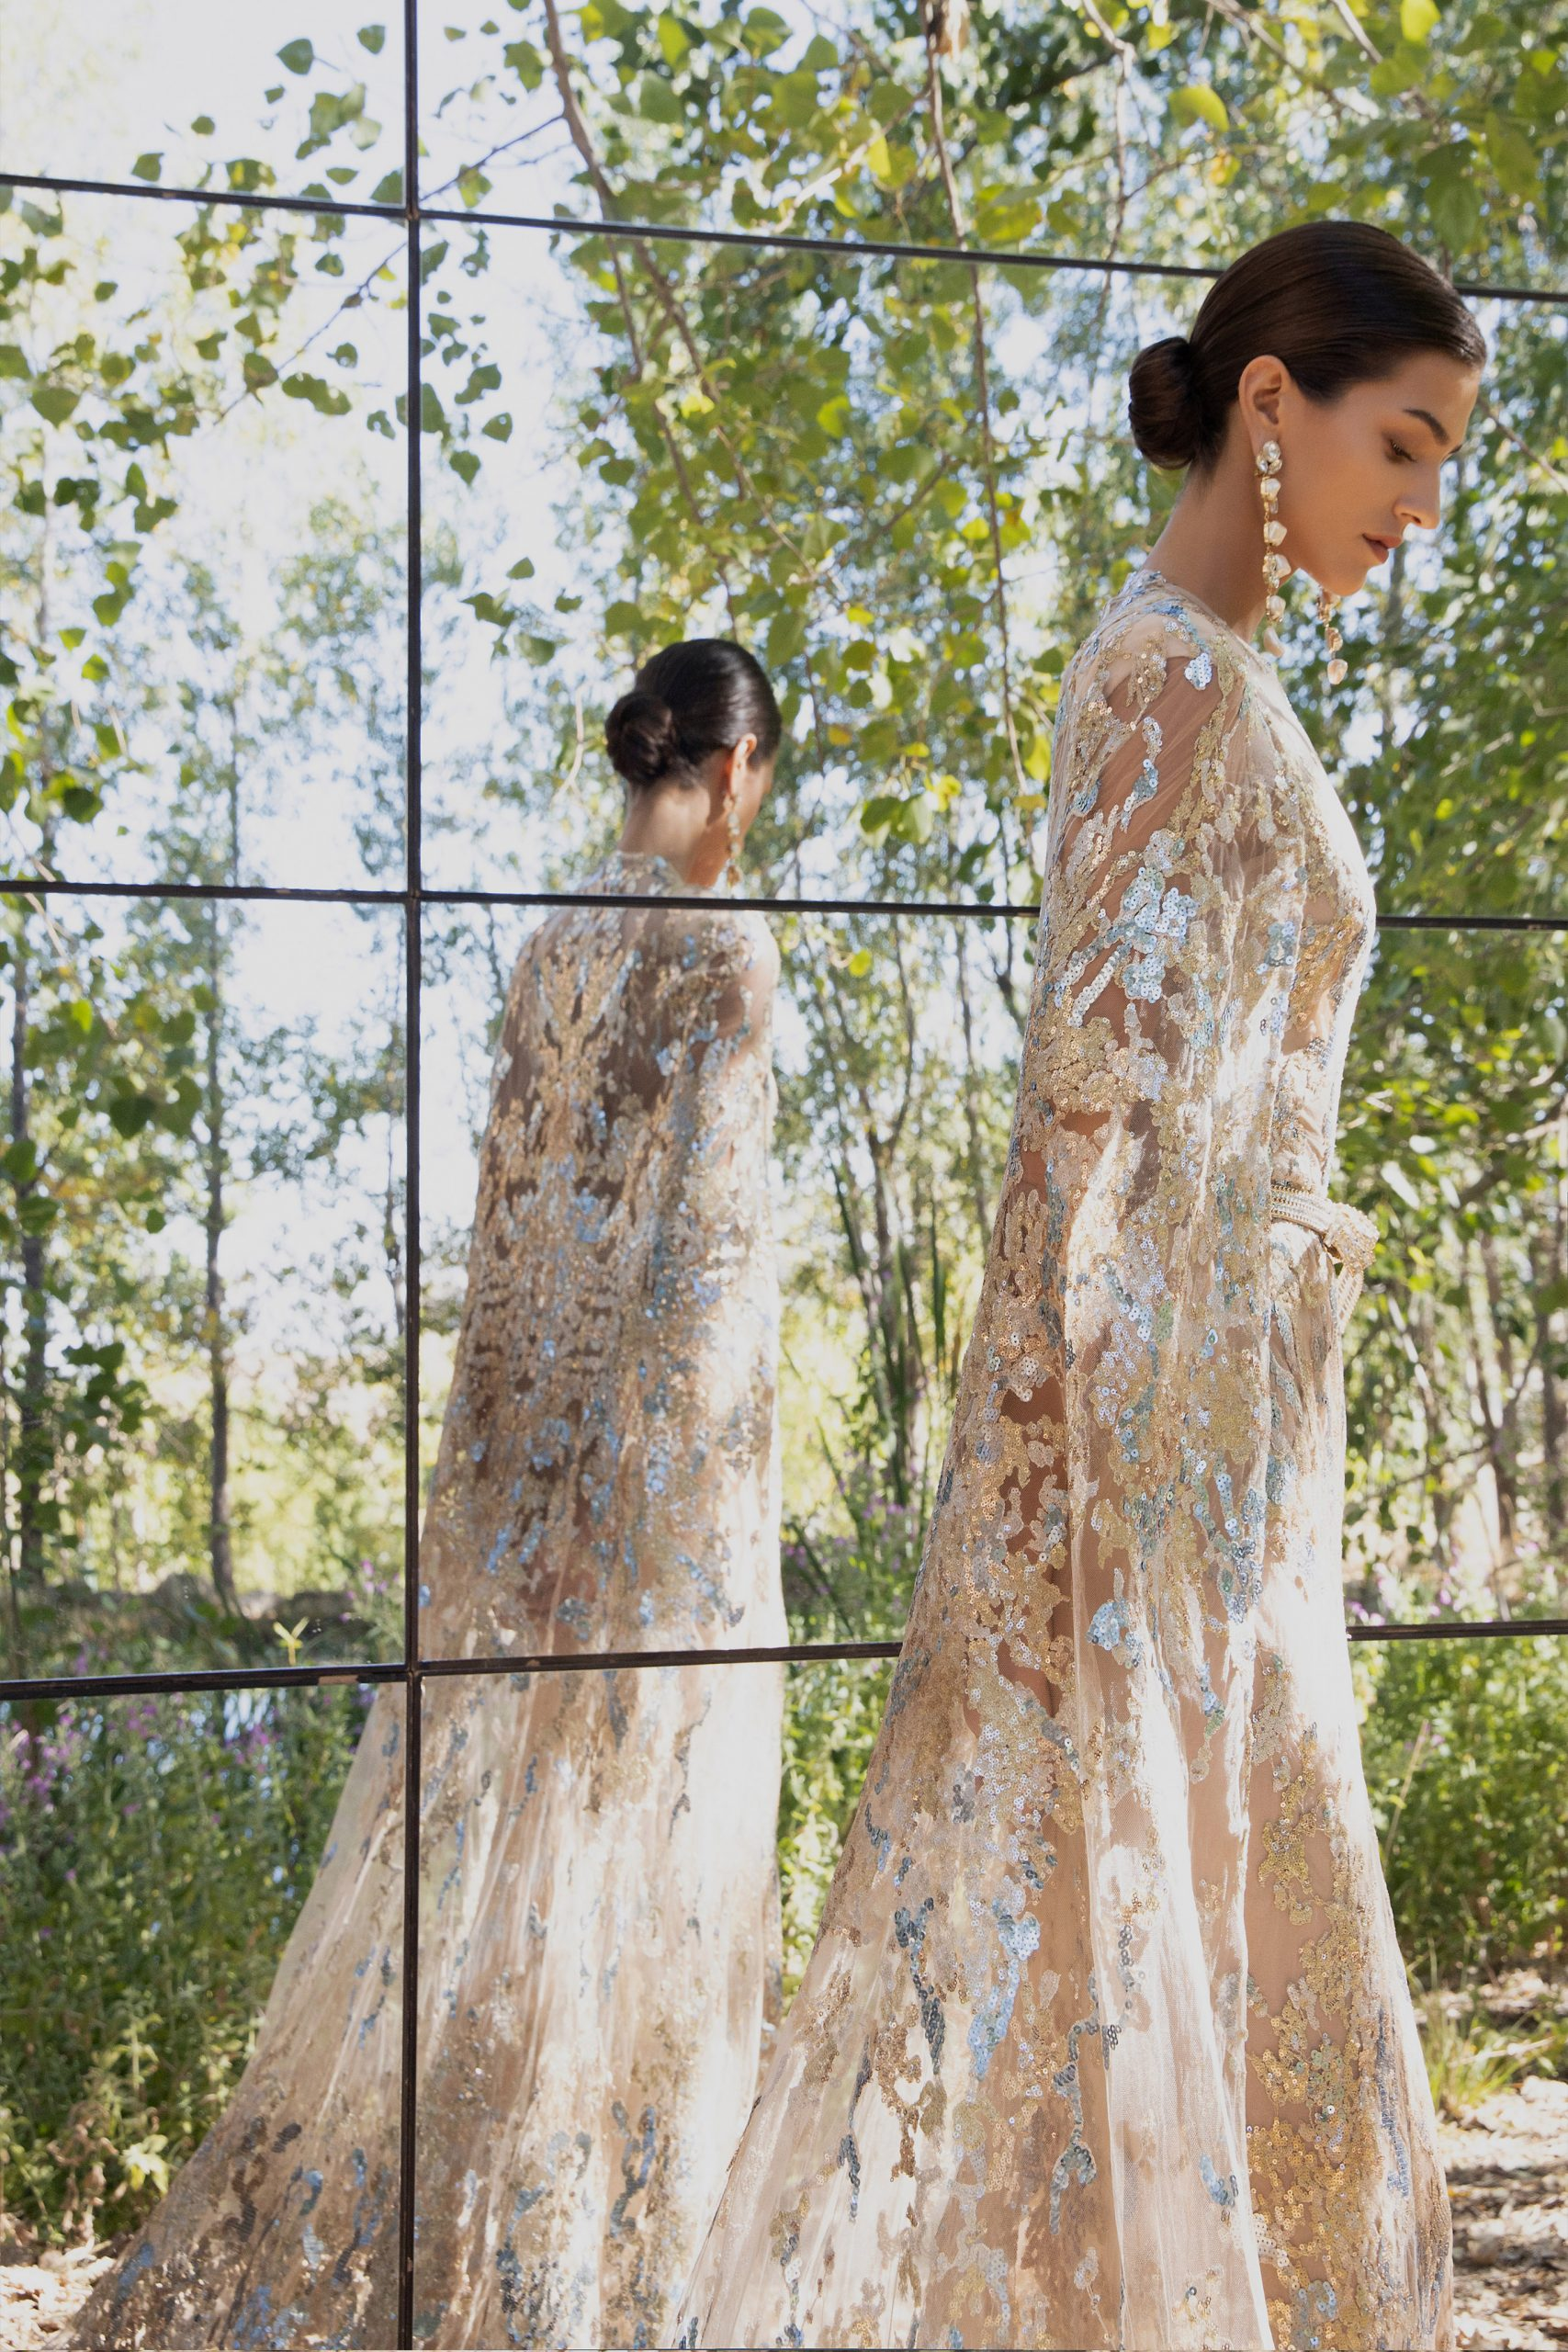 Город надежды: волшебная коллекция Elie Saab haute couture, посвященная Бейруту